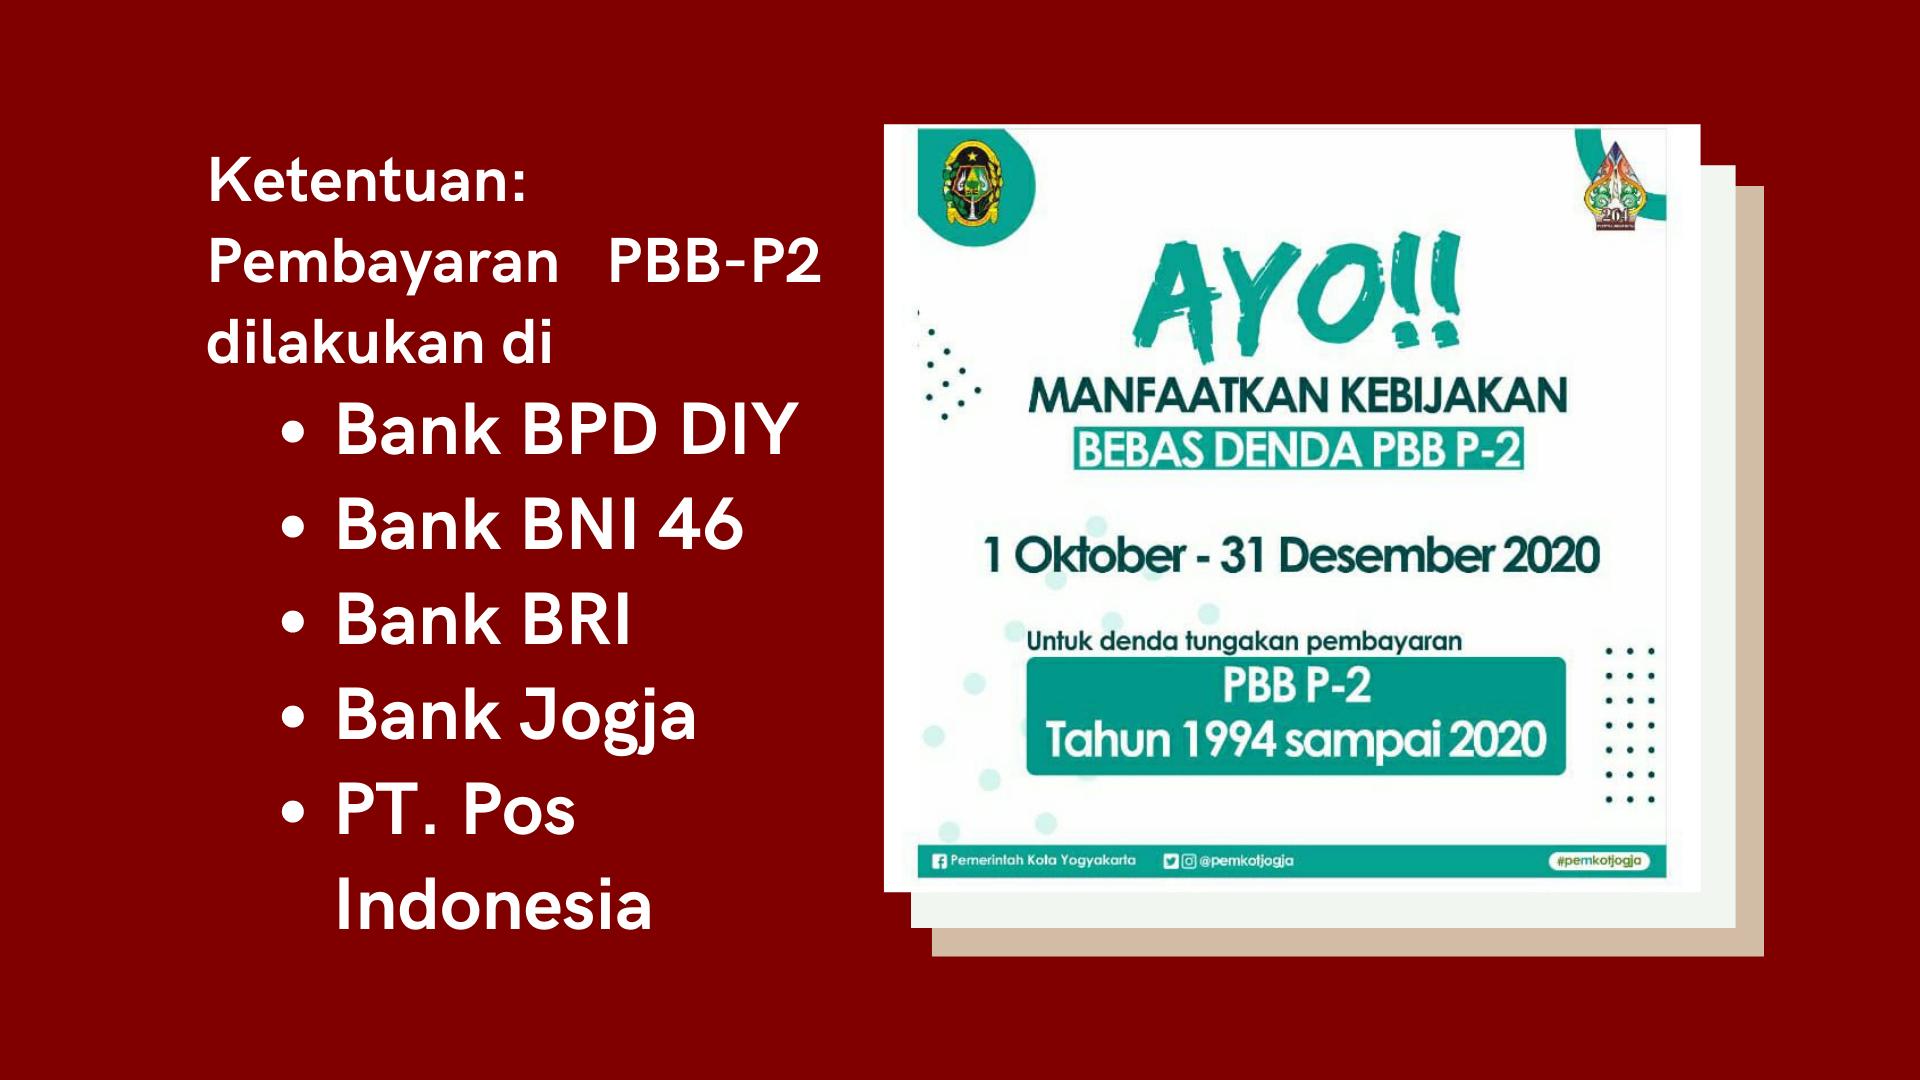 Pemberitahuan tentang Penghapusan Sanki Administrasi berupa Denda atas Tunggakan PBB-P2 di Kota Yogyakarta (Bebas Denda) berakhir sampai tanggal 31 Desember 2020